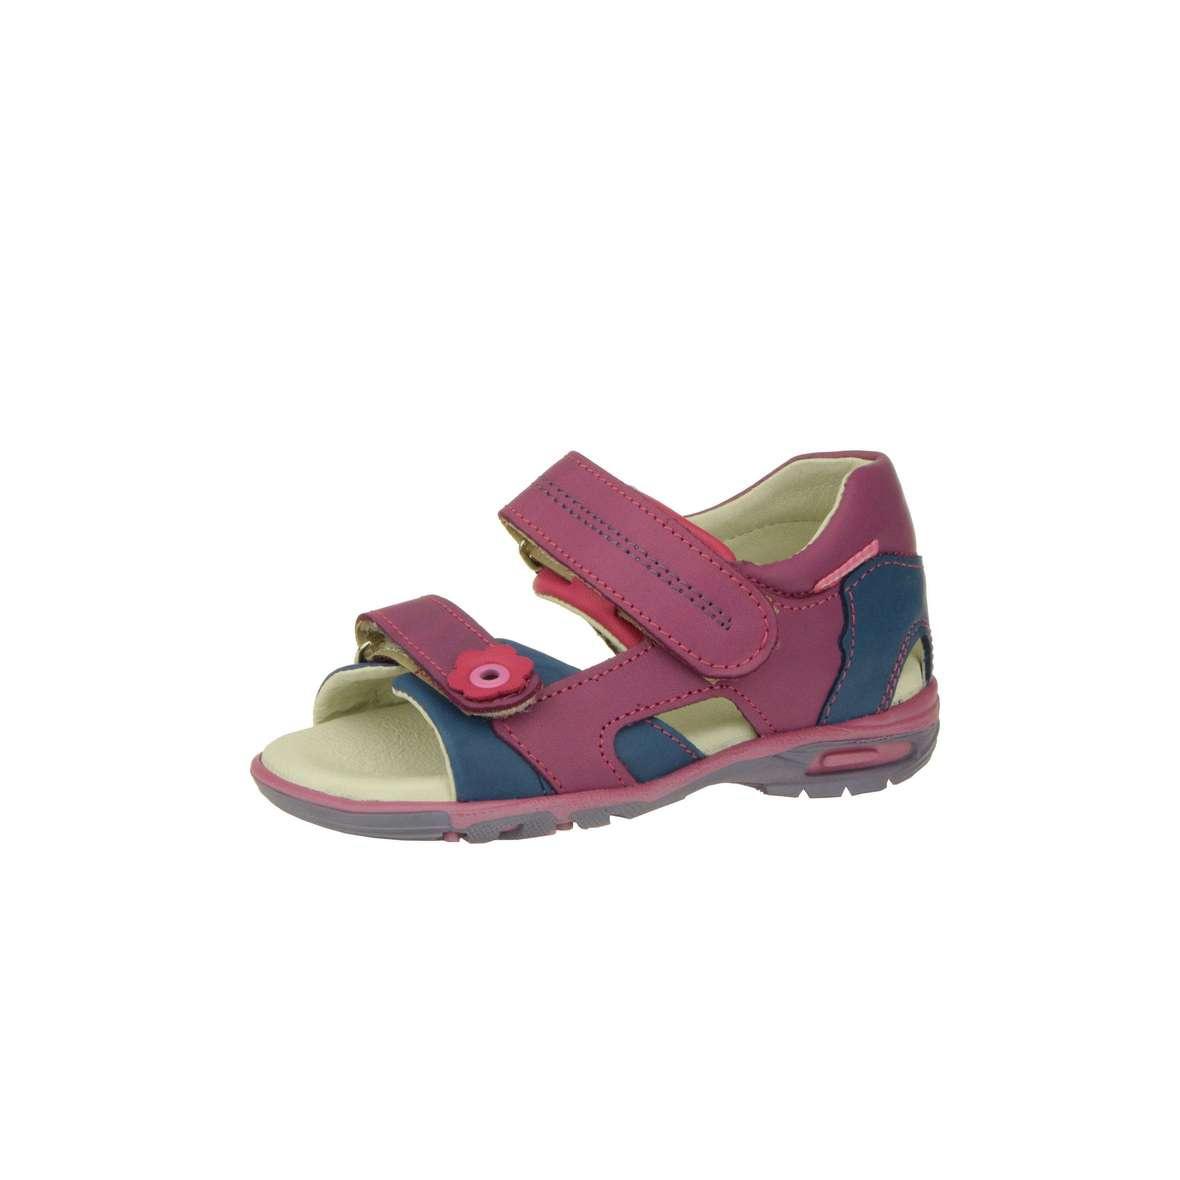 c62f4d796b7 Dětská vycházková sandálka MA 293-43